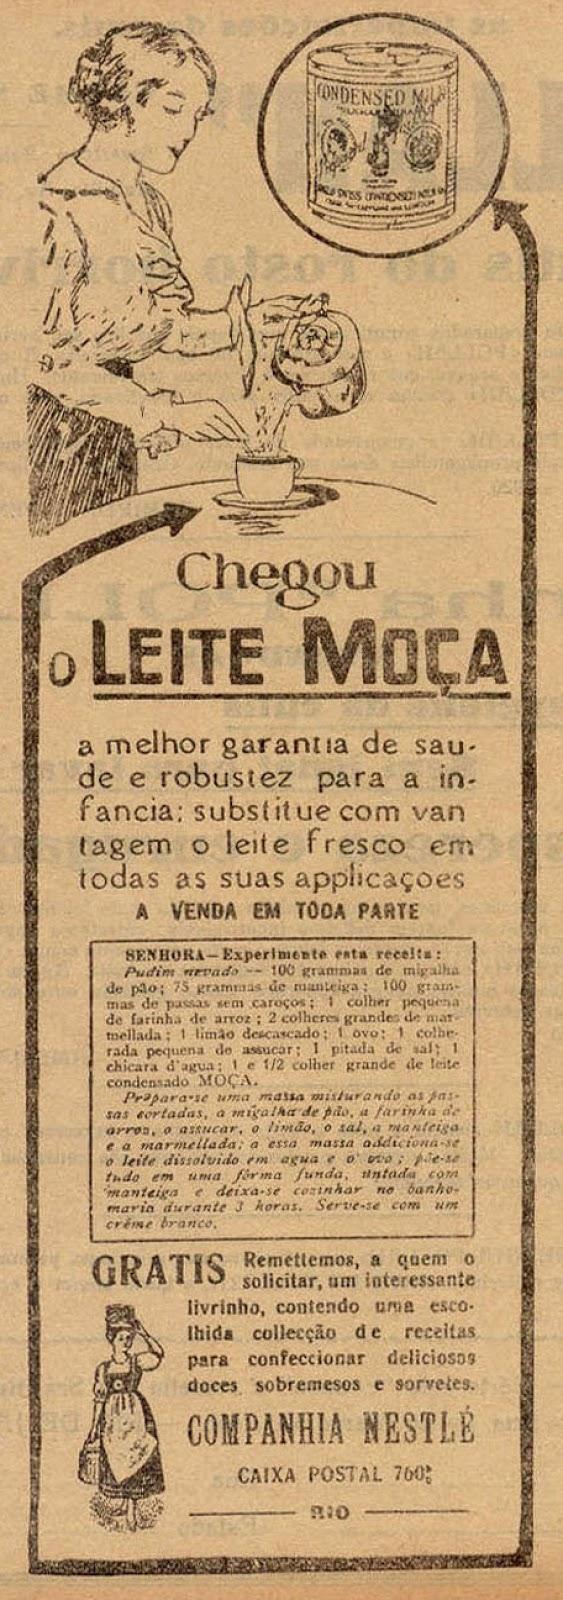 Campanha de lançamento do Leite Moça em 1922 com indicação de suplemento ao leite materno